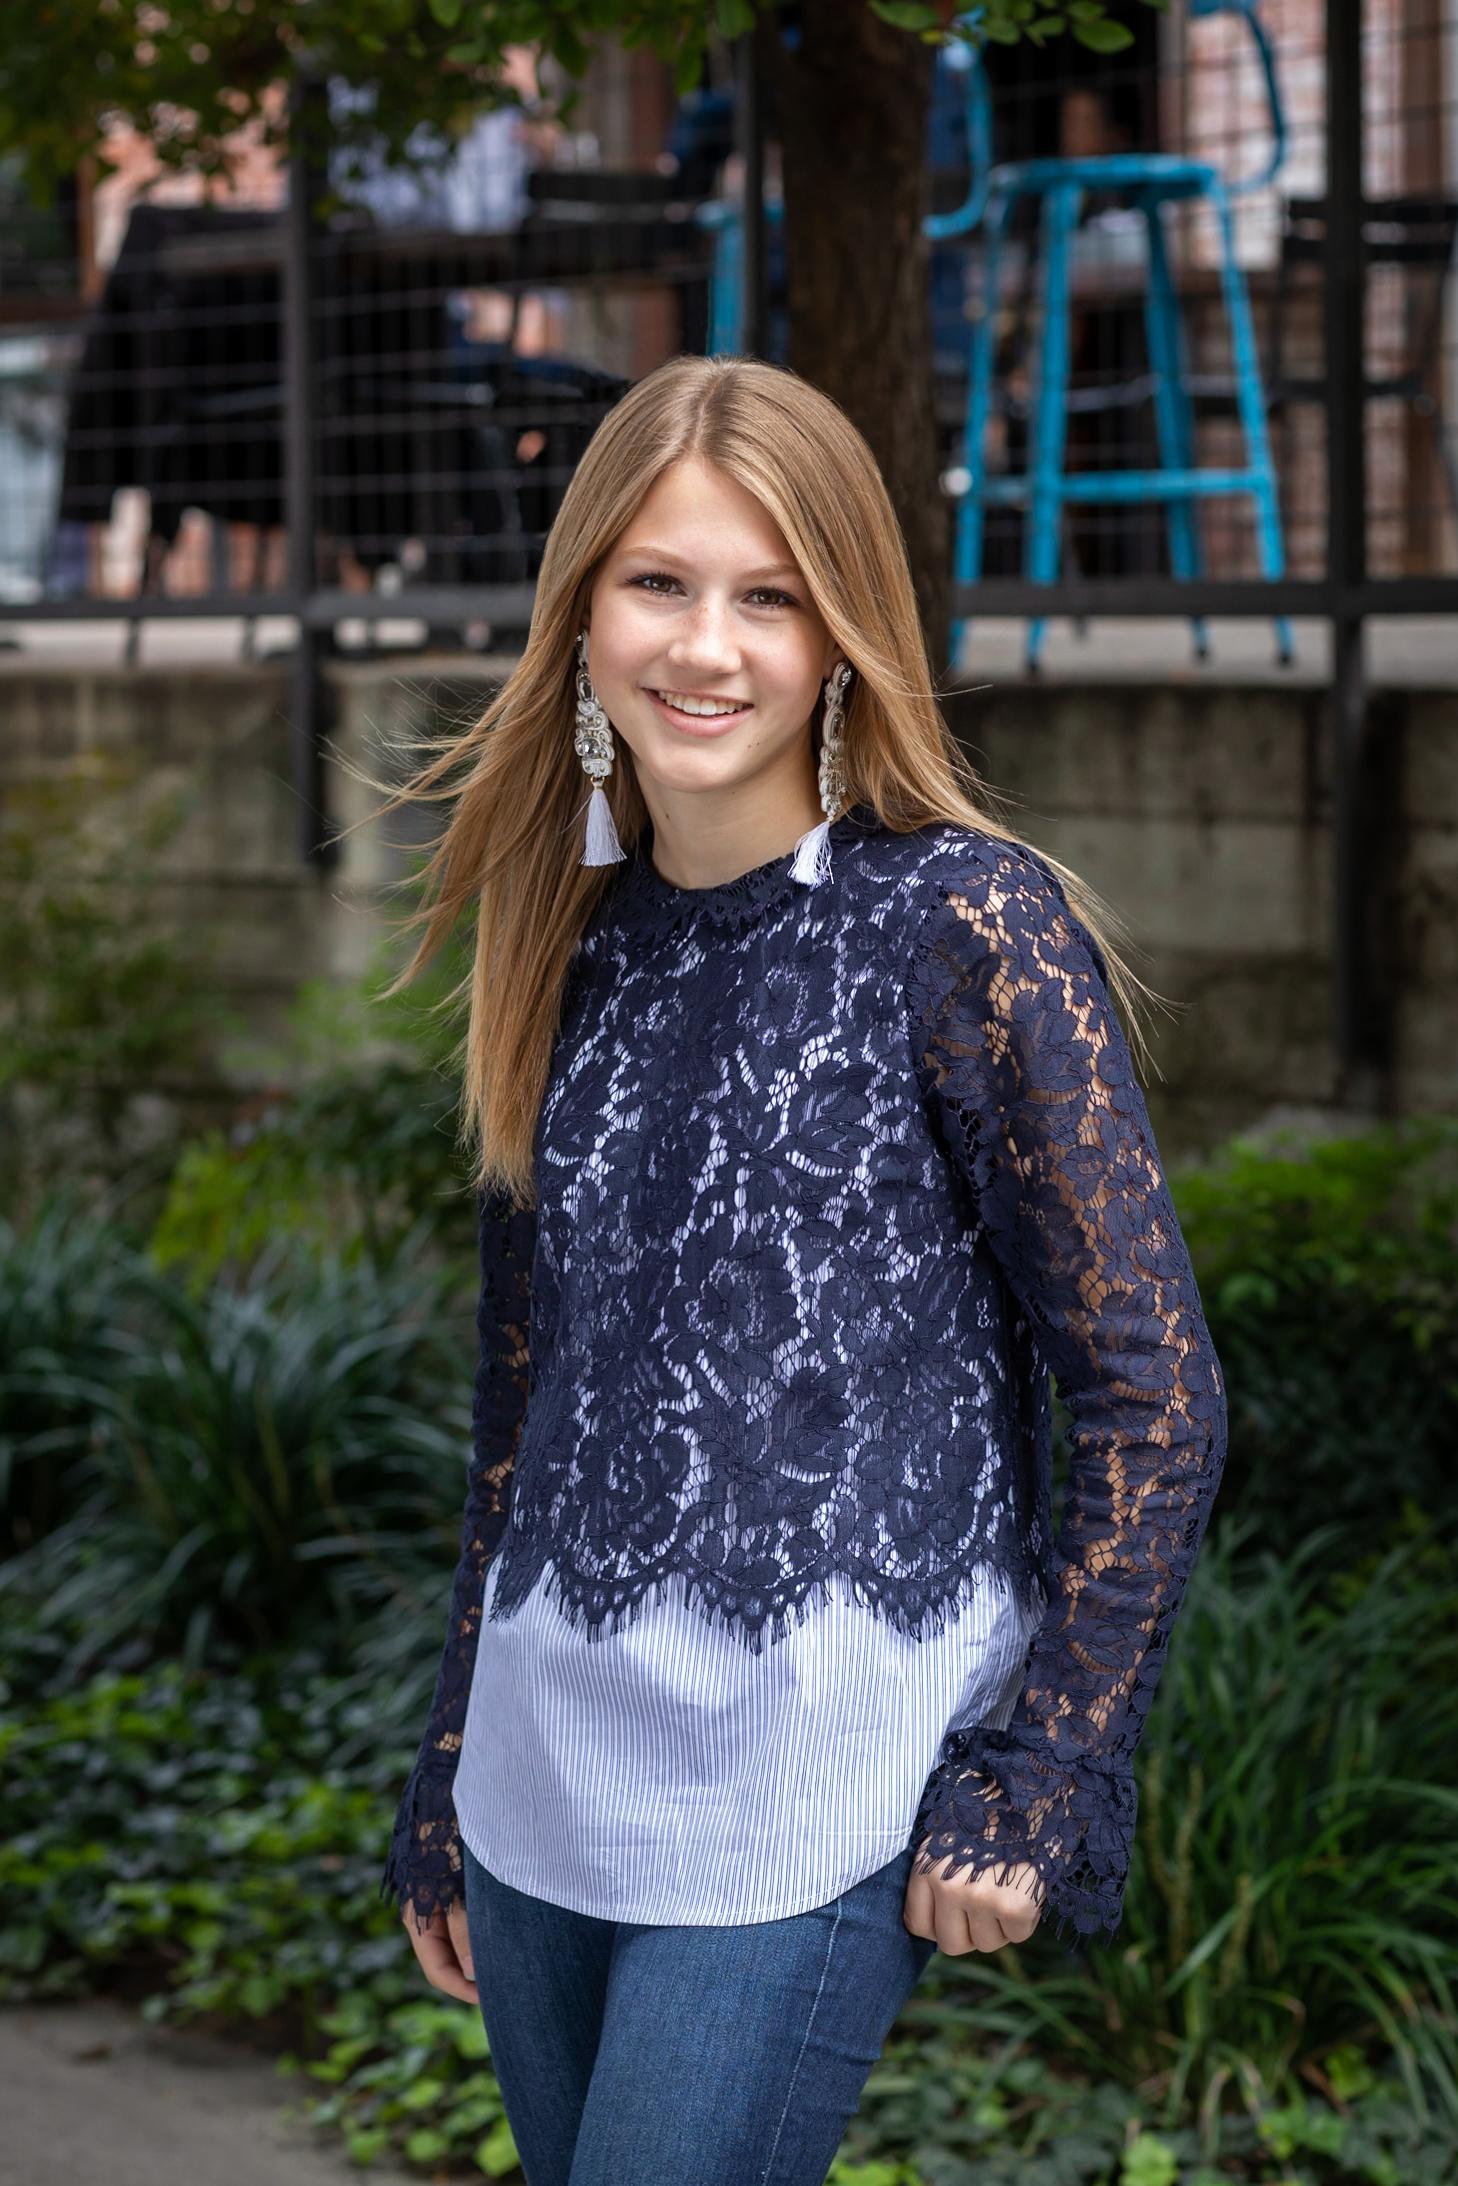 Teen-girl-blue-lace-shirt.JPG